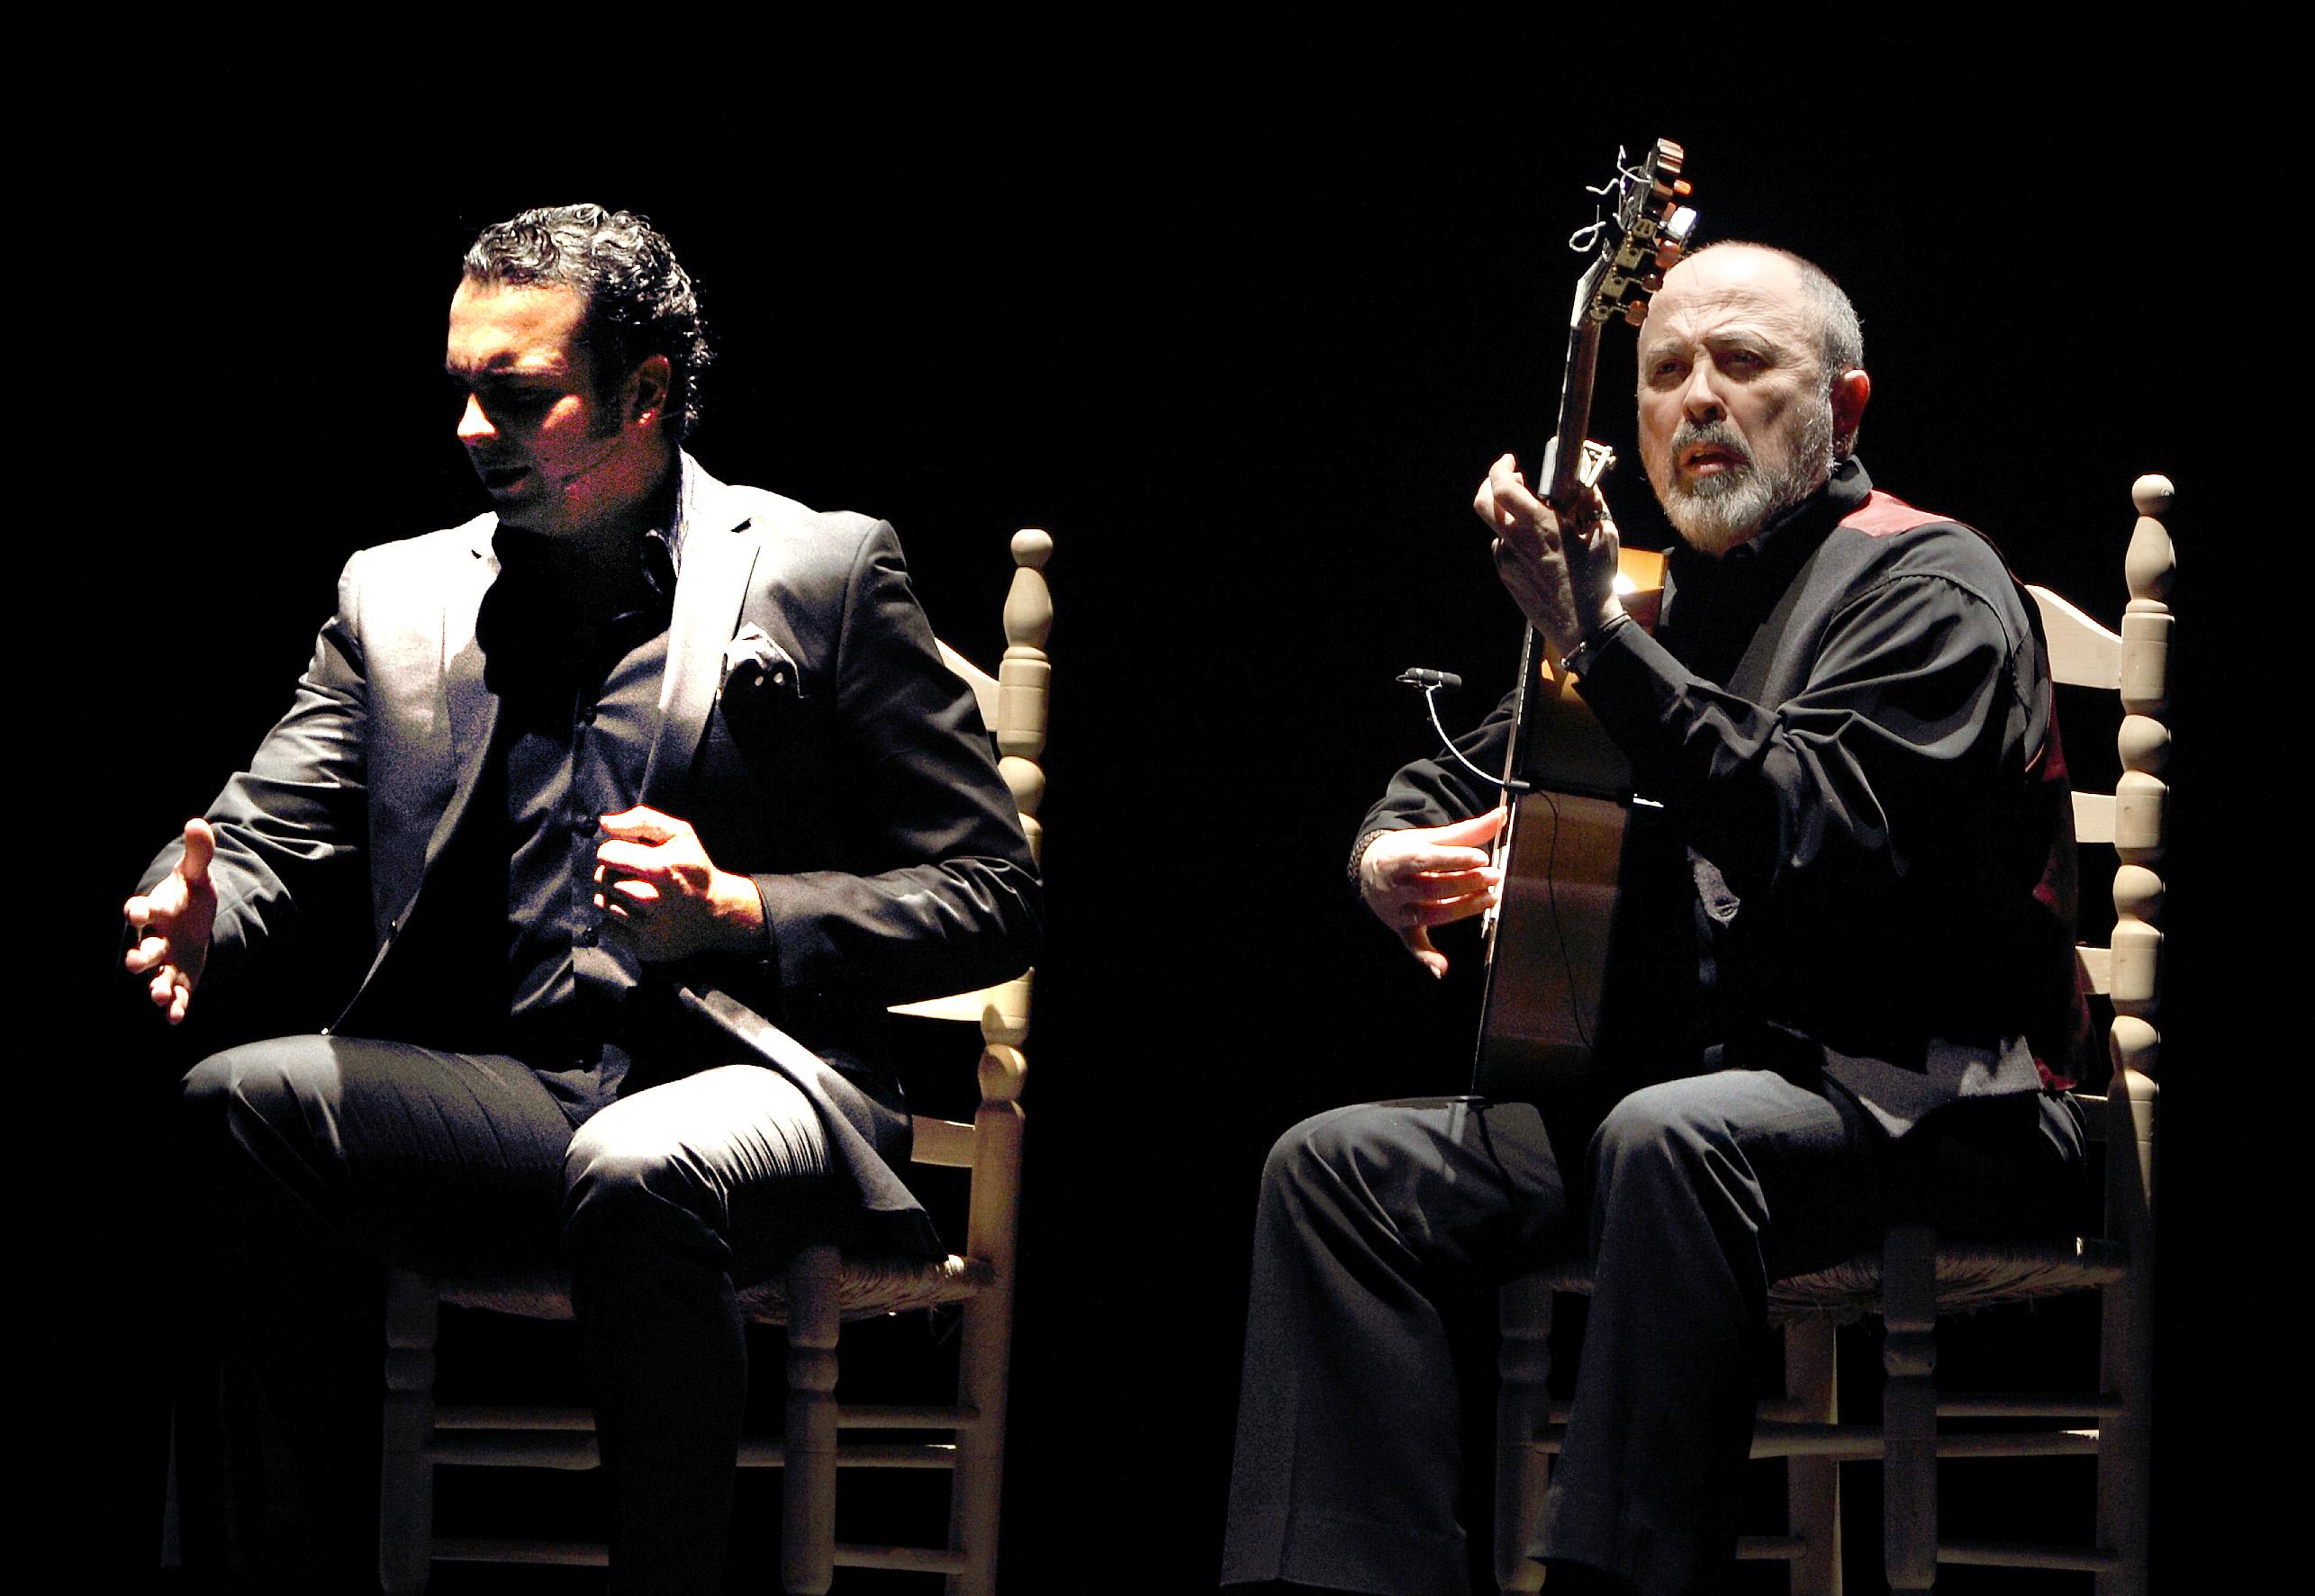 Jesus Mendes & Rafael Rodríguez